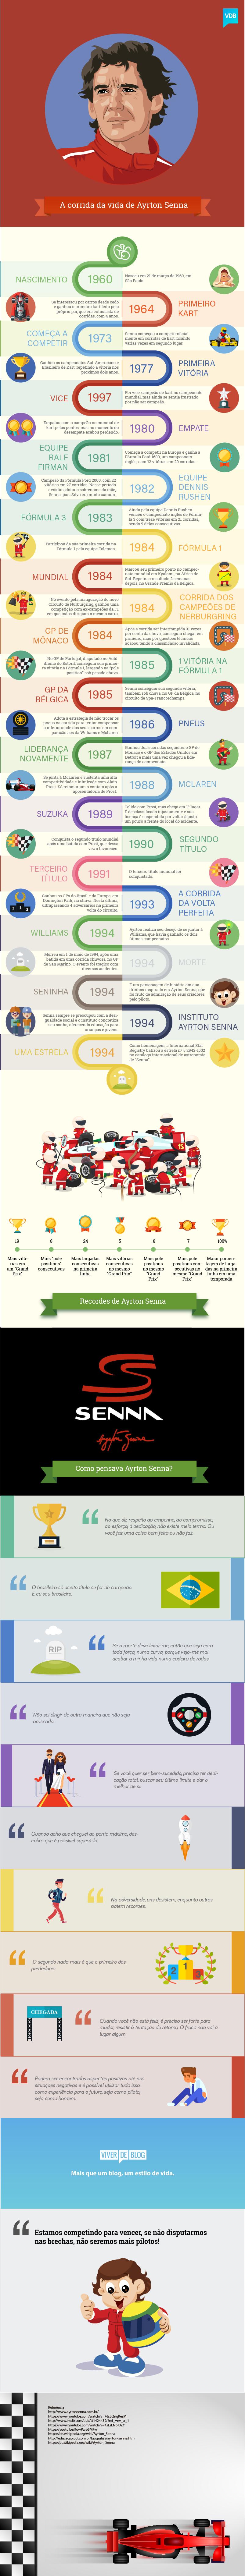 #Infográfico - A Corrida da Vida de Ayrton Senna